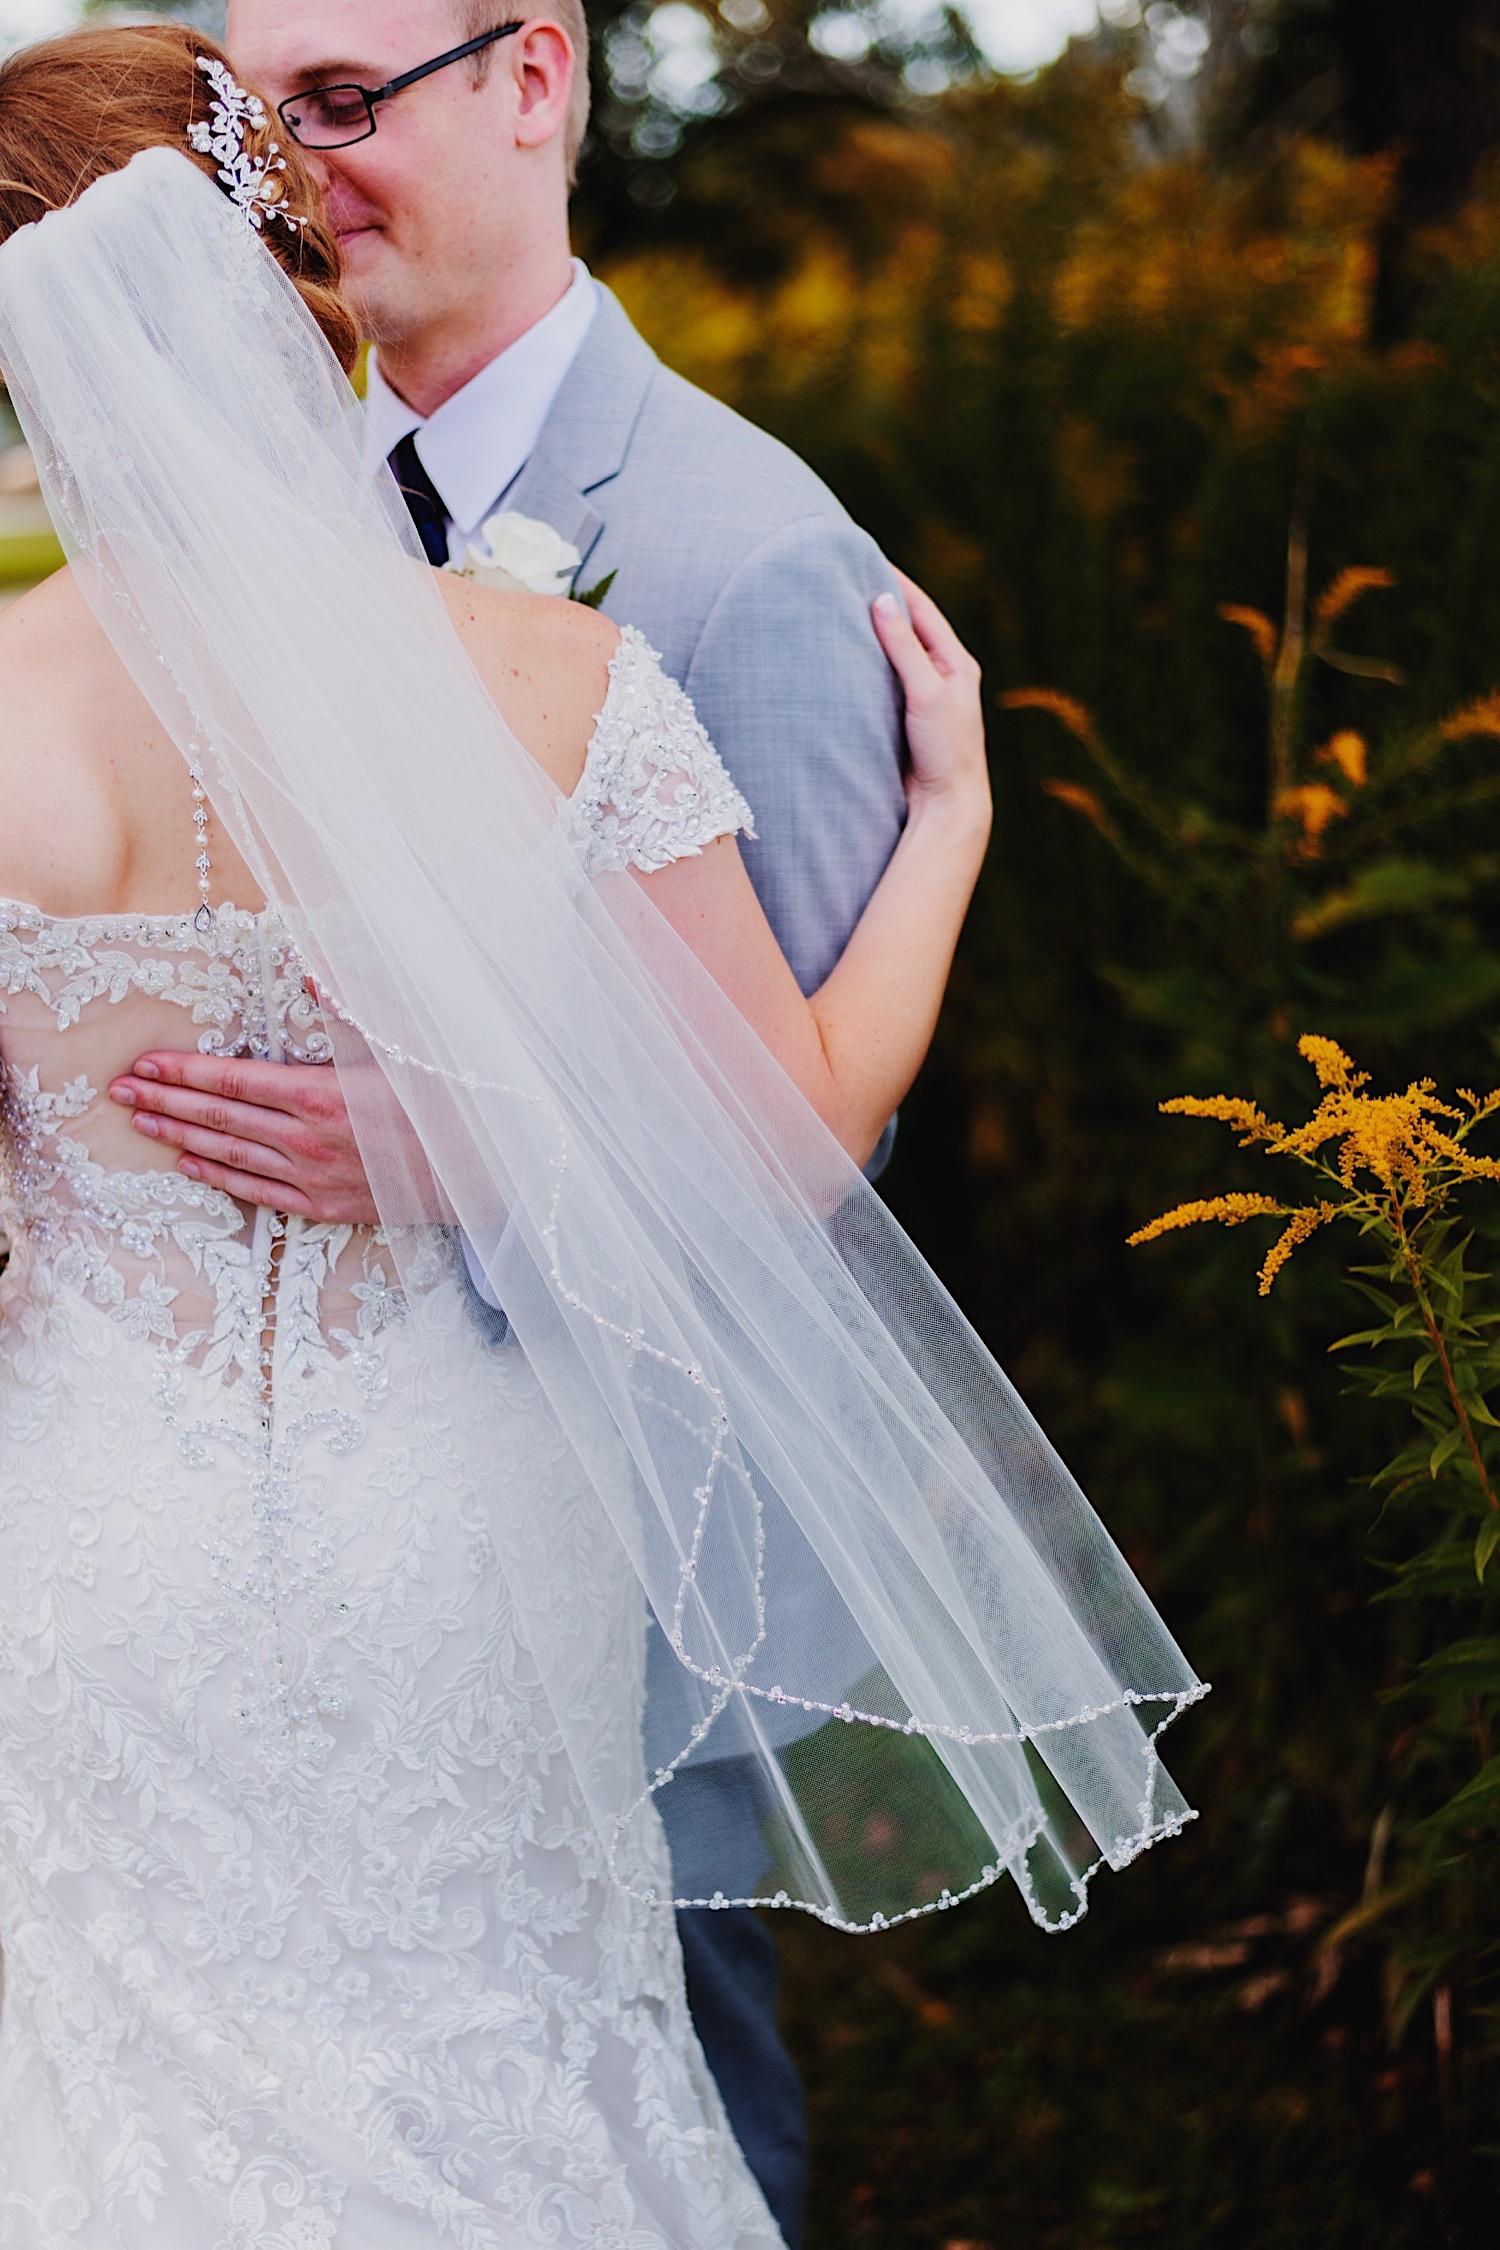 022_Dodd-Hejnar-Riverside-Reception-Geneva-Illinois-Wedding_0032.jpg